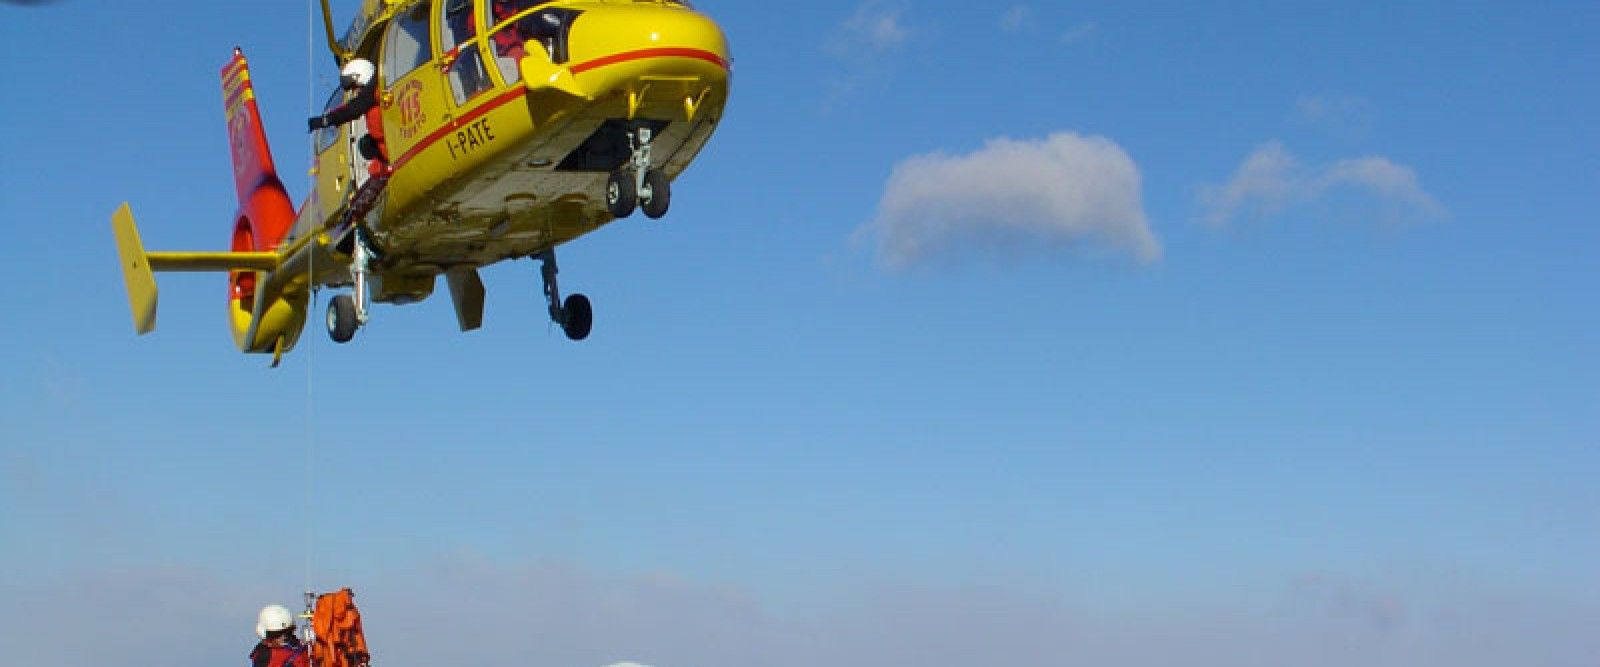 Elicottero Jota : Il cuore in volo trento film festival